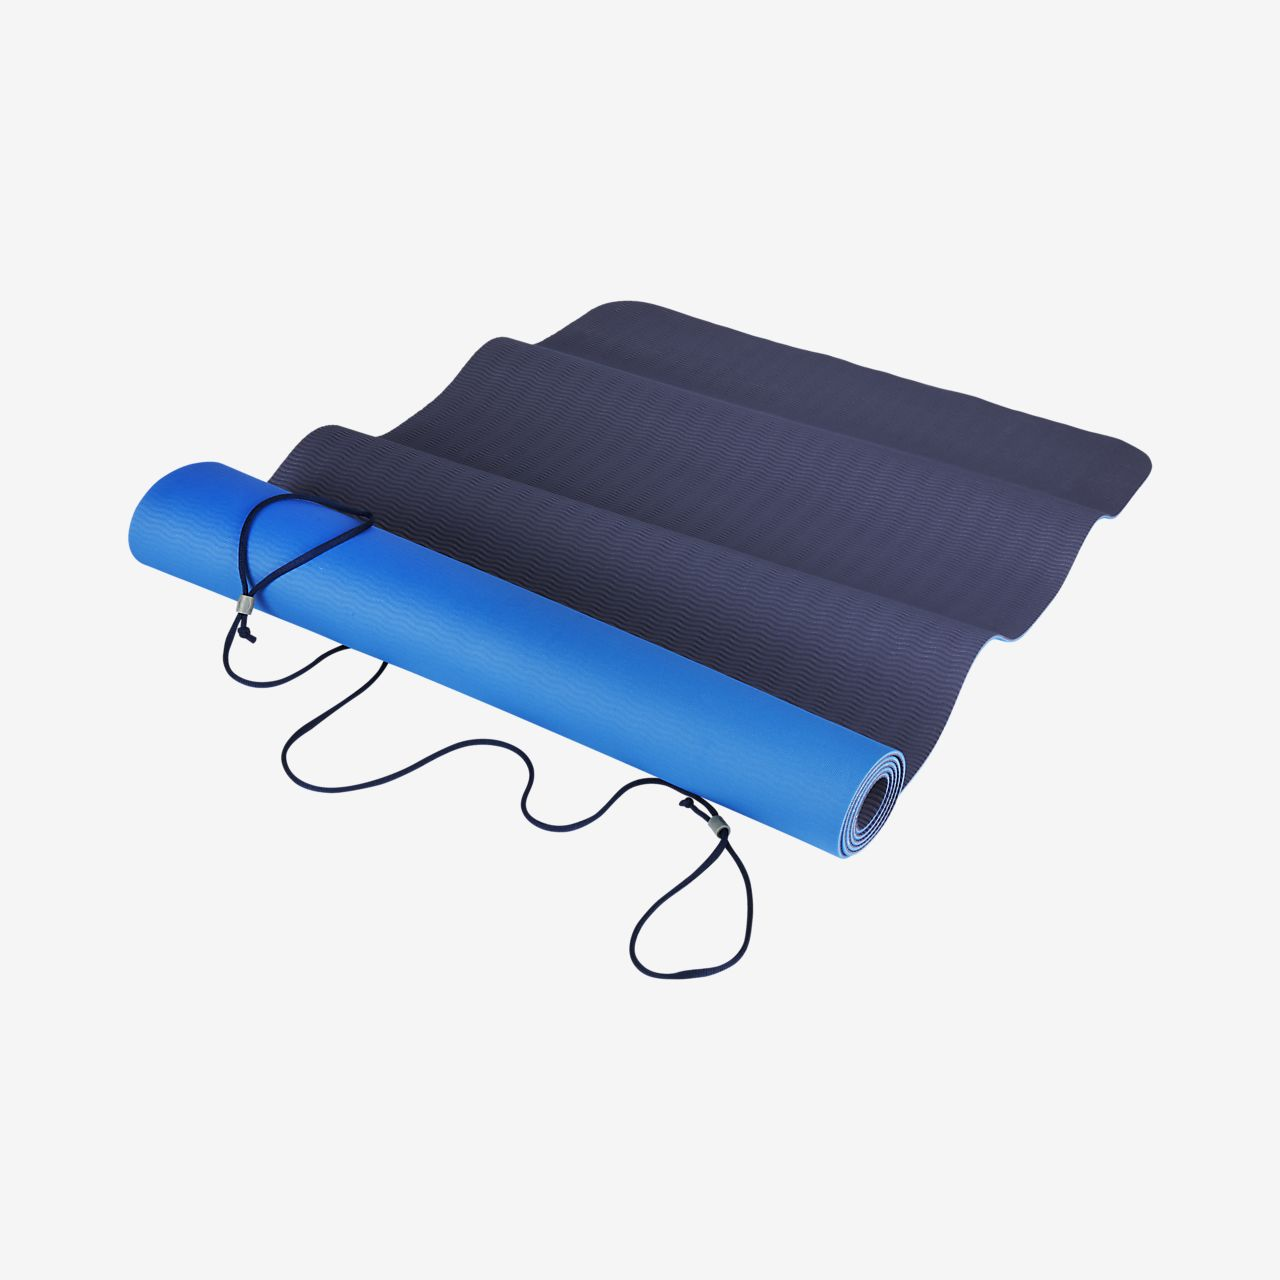 Tapis de yoga Nike JDI 2.0